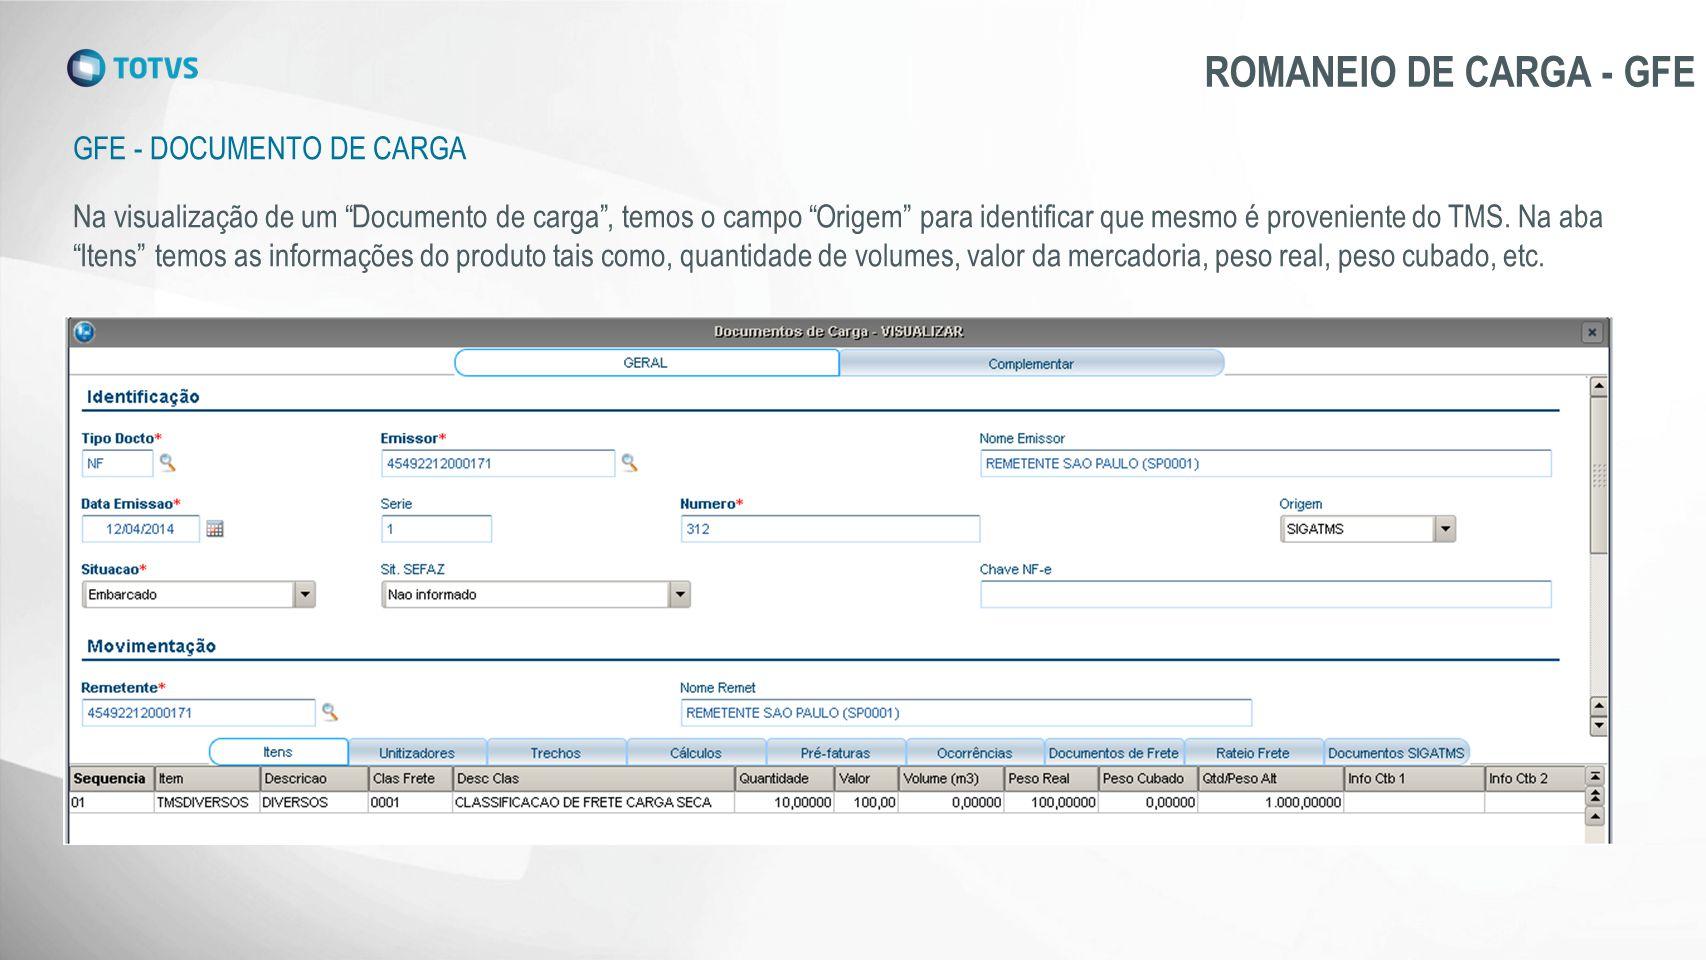 ROMANEIO DE CARGA - GFE Gfe - DOCUMENTO DE CARGA